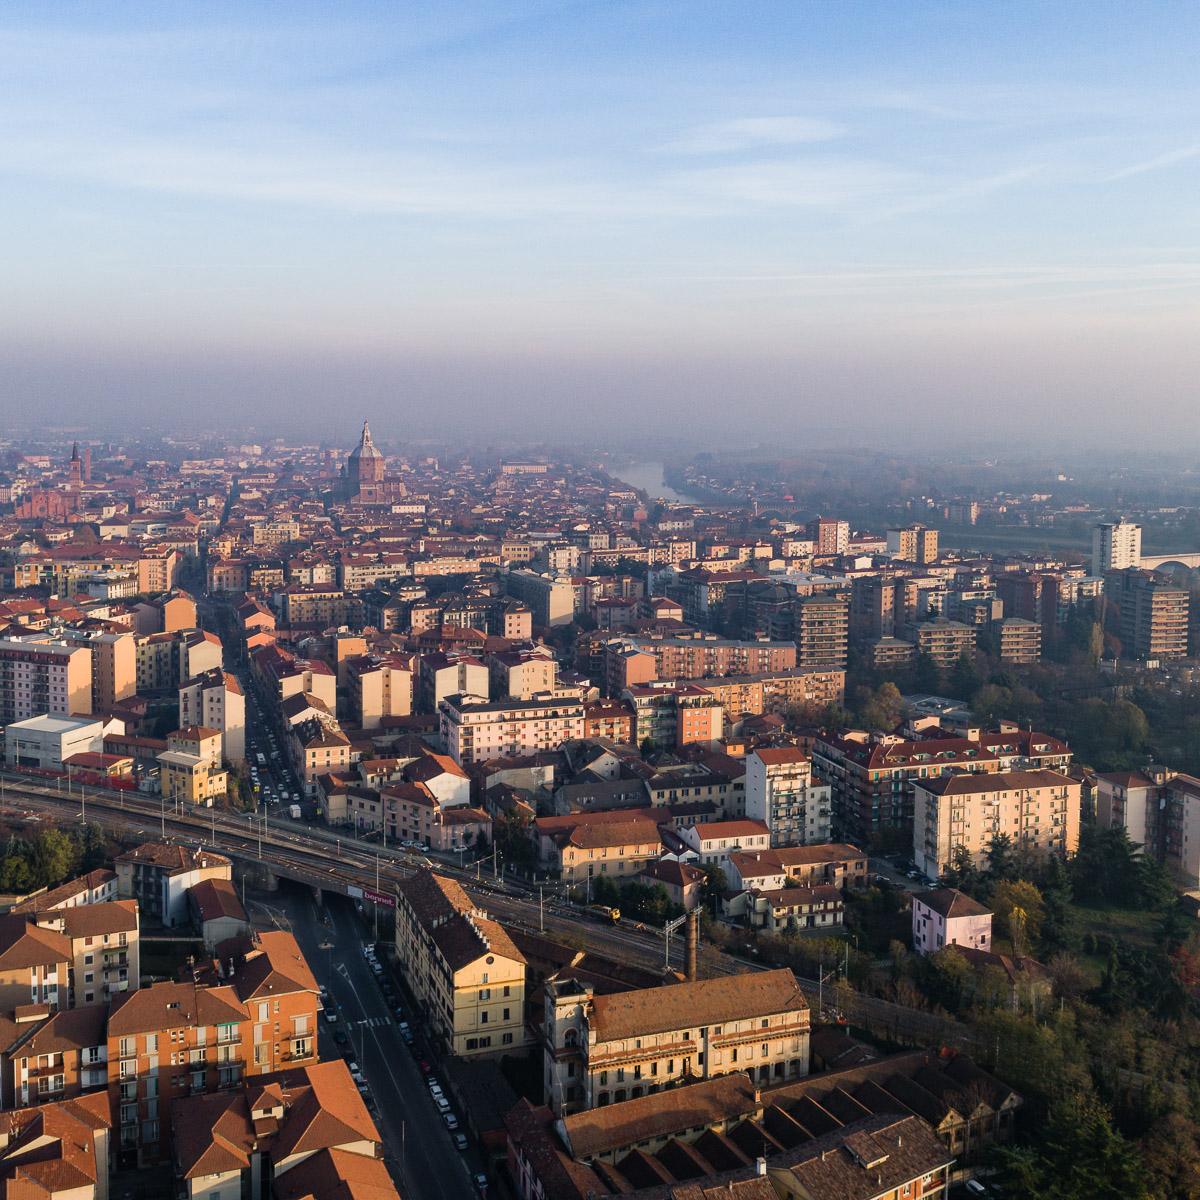 DJI_0064-antonello-zoffoli-drone-pavia-architettura-rilievi-square